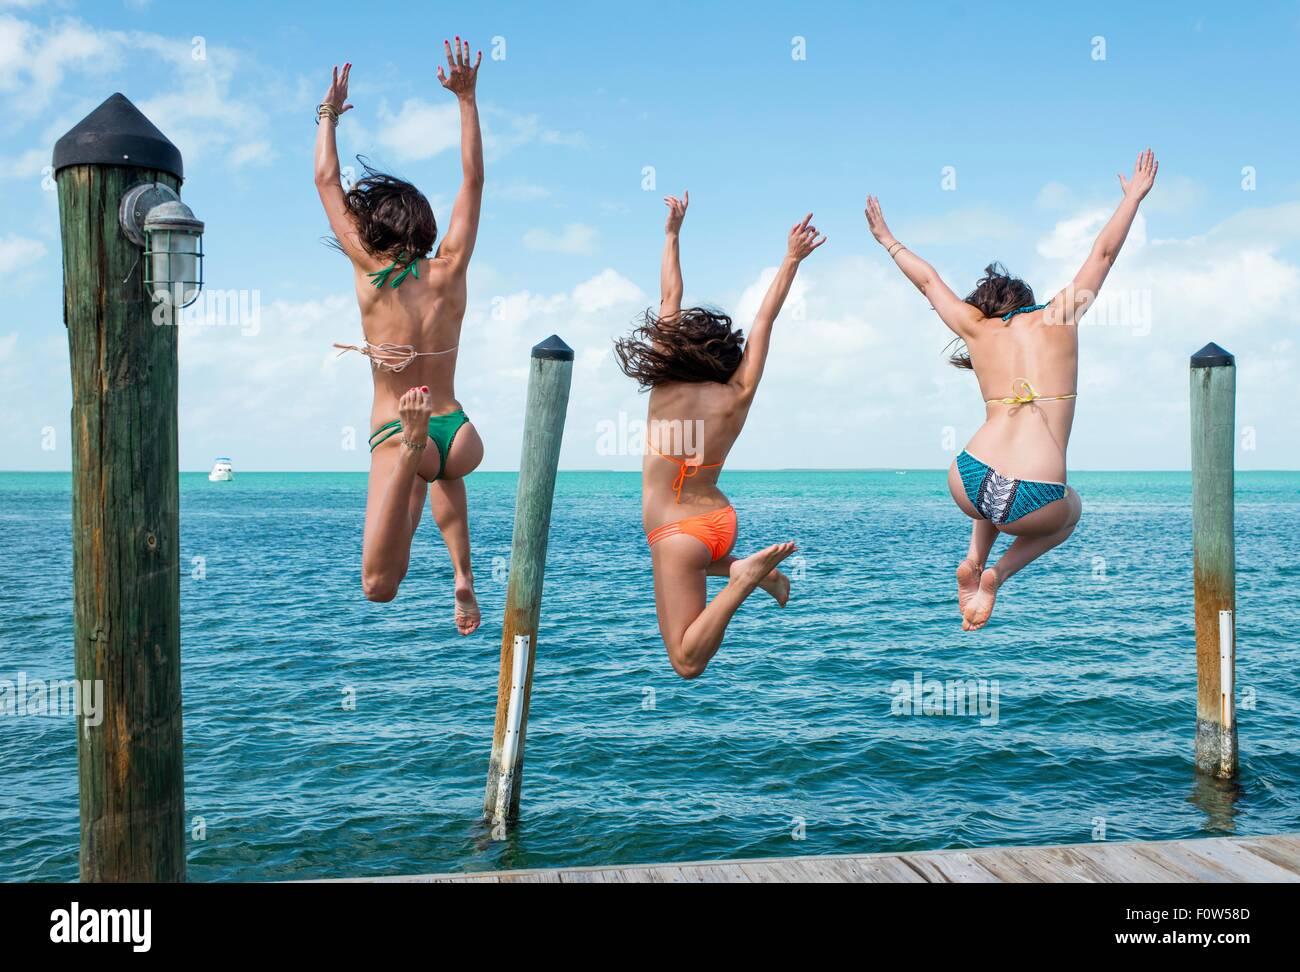 Vista posteriore di tre giovani donna salto dal molo sul mare, Islamorada, Florida, Stati Uniti d'America Immagini Stock